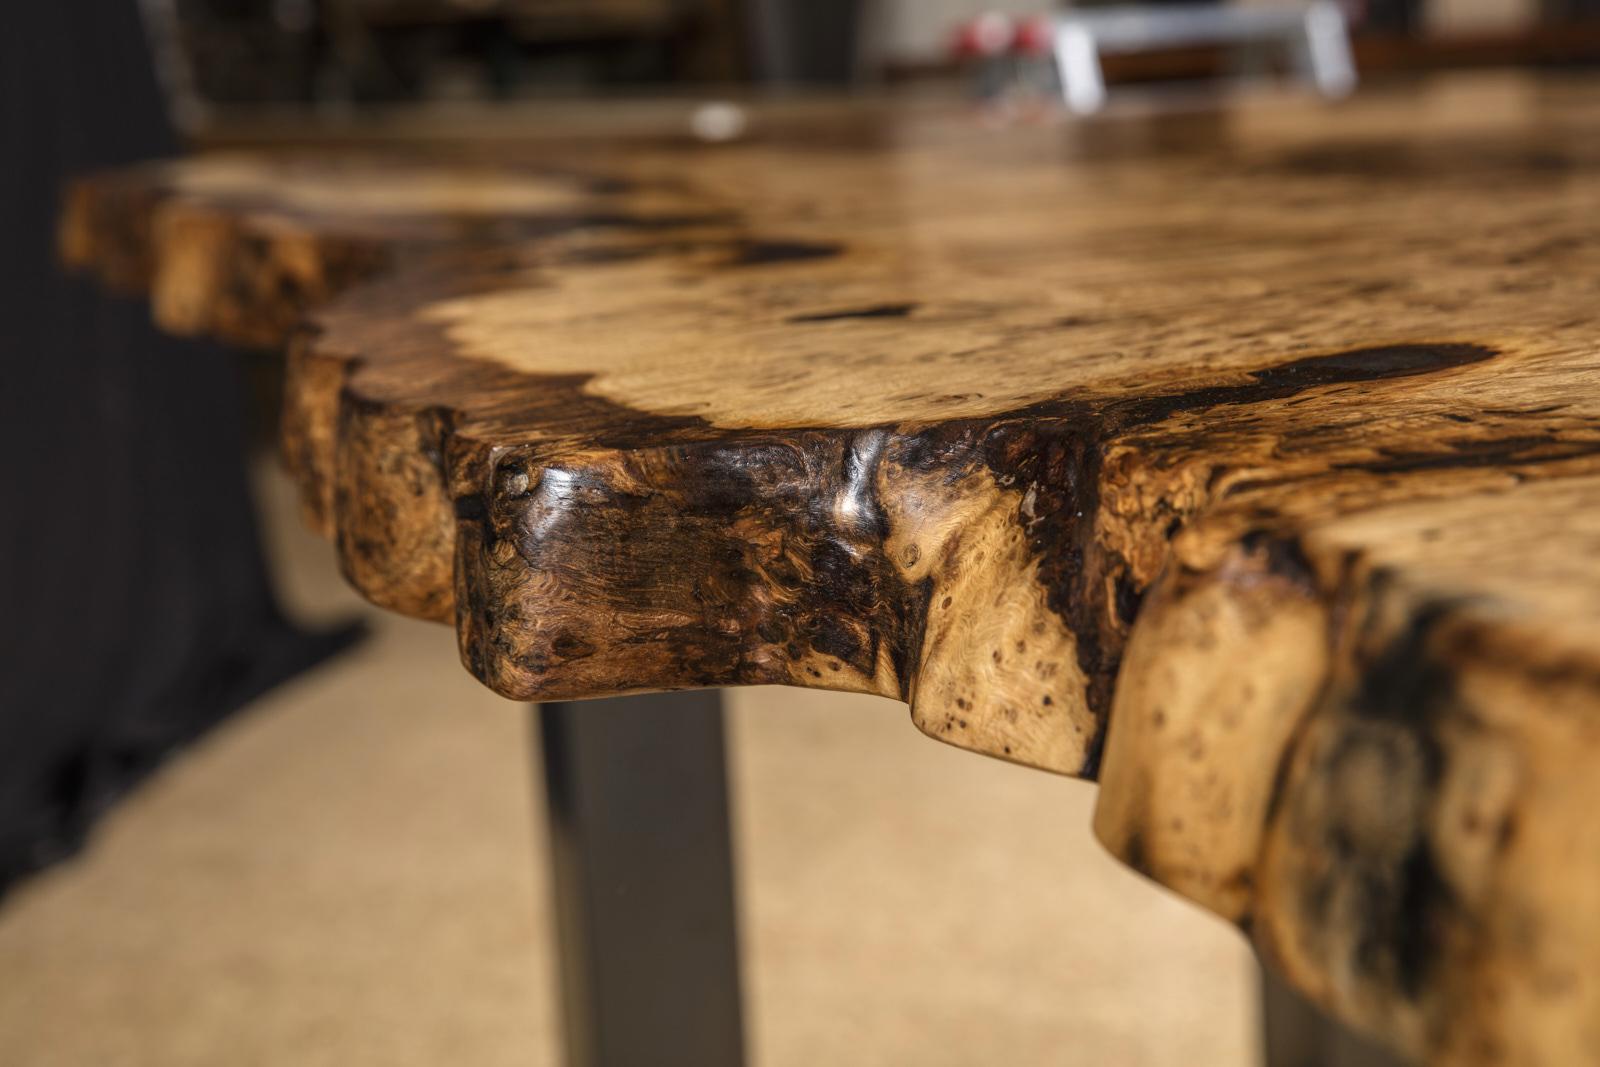 Eiche Esstisch mit besonderen Naturkanten, rustikaler Baumstamm Naturholztisch, Kunstmöbel mit Naturcharakter von Michael Beaupoil handgefertigt